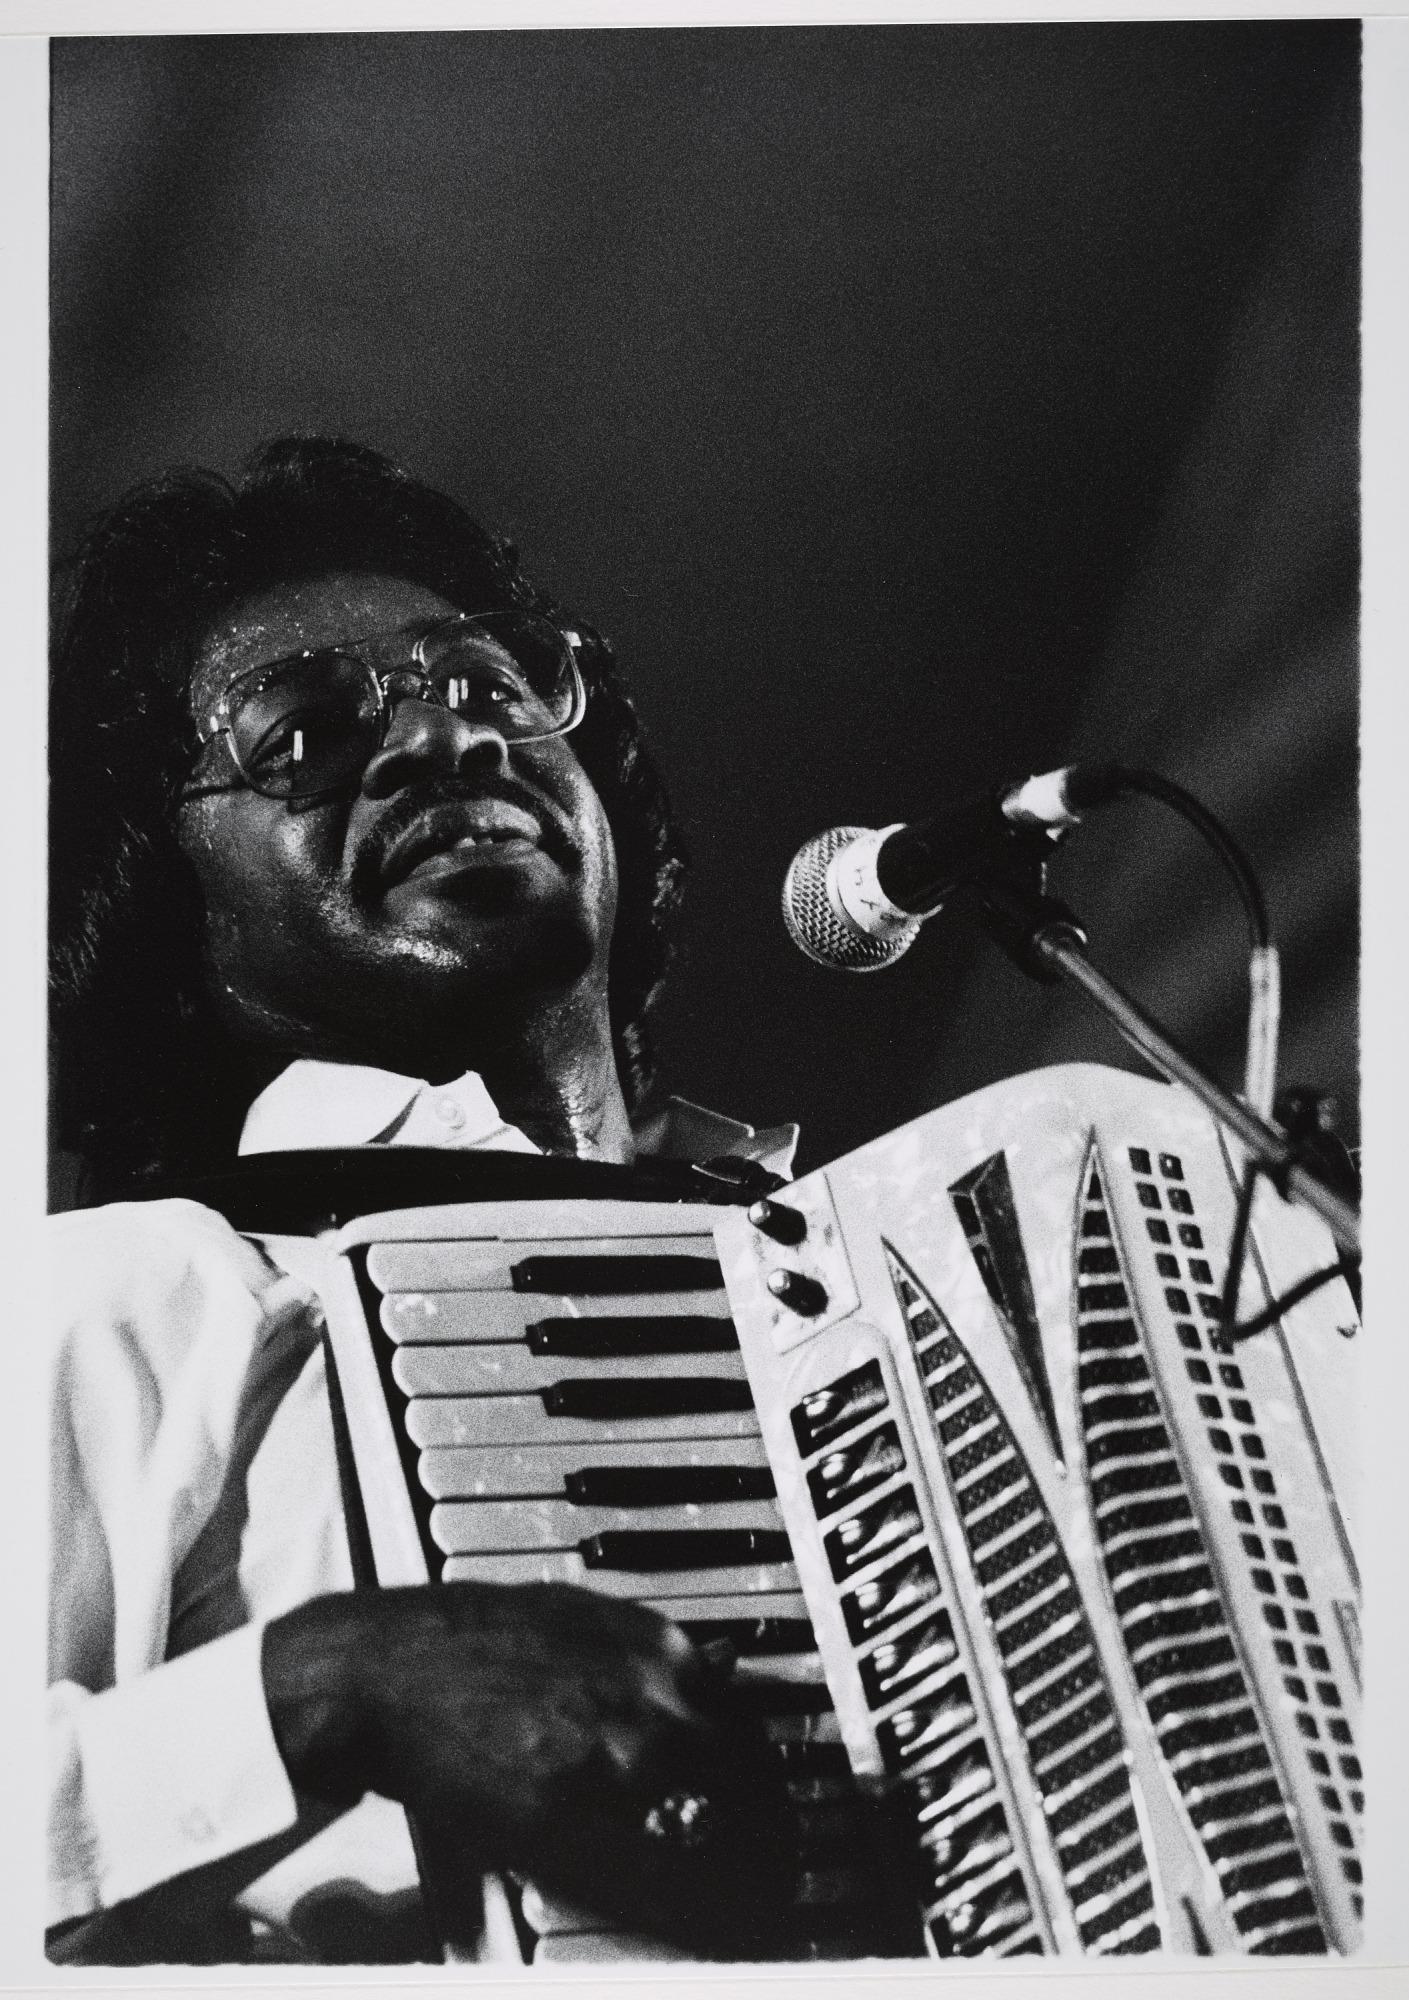 images for <I>Buckwheat Zydeco, 1989</I>